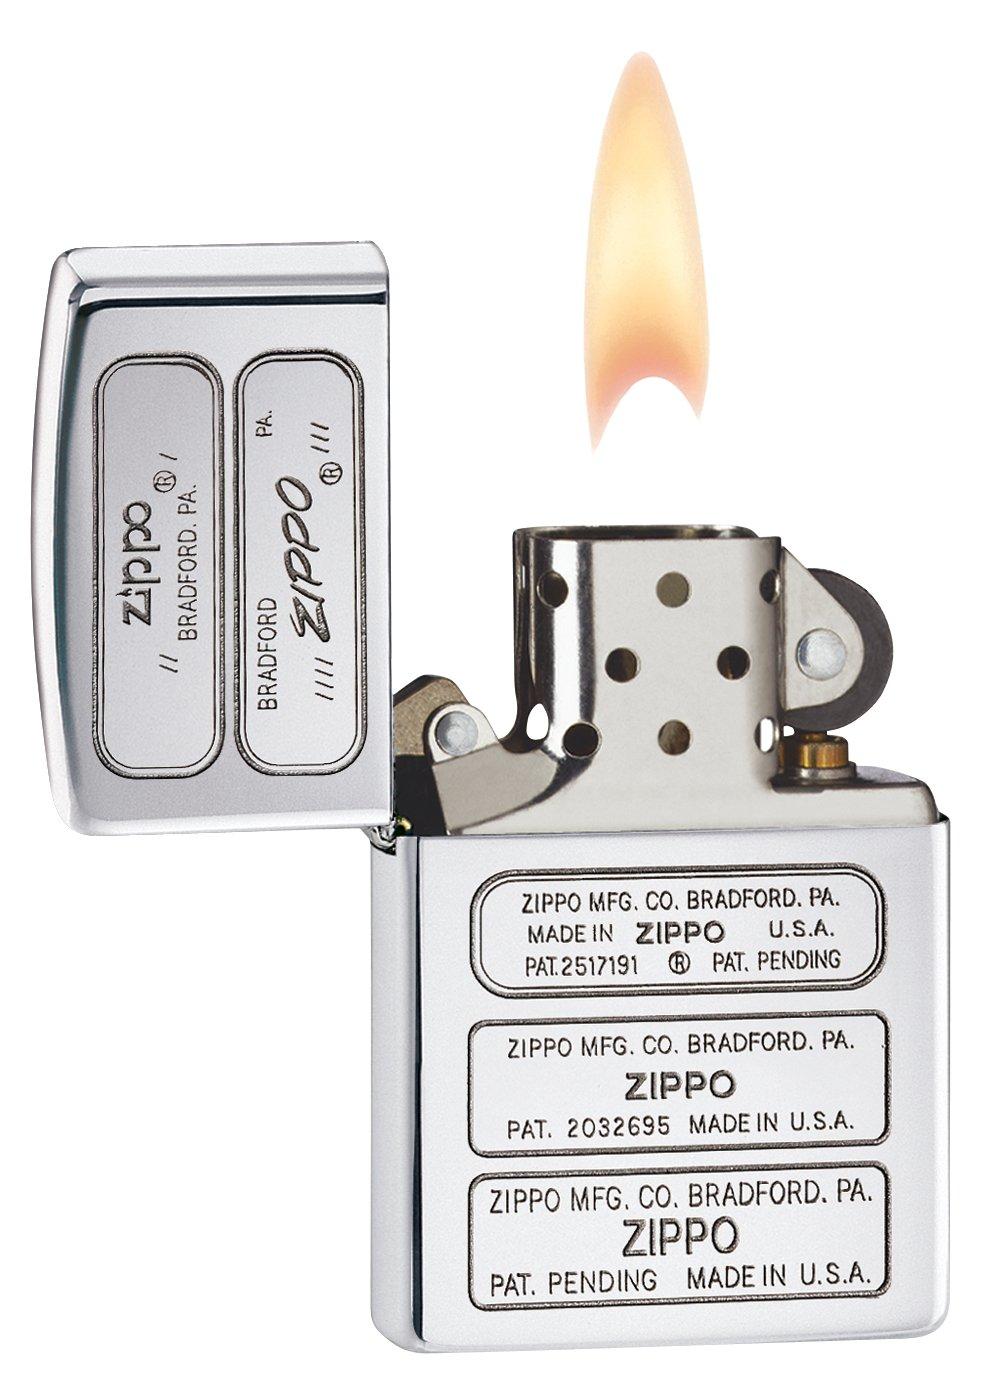 Zippo-28381-1-1.jpg